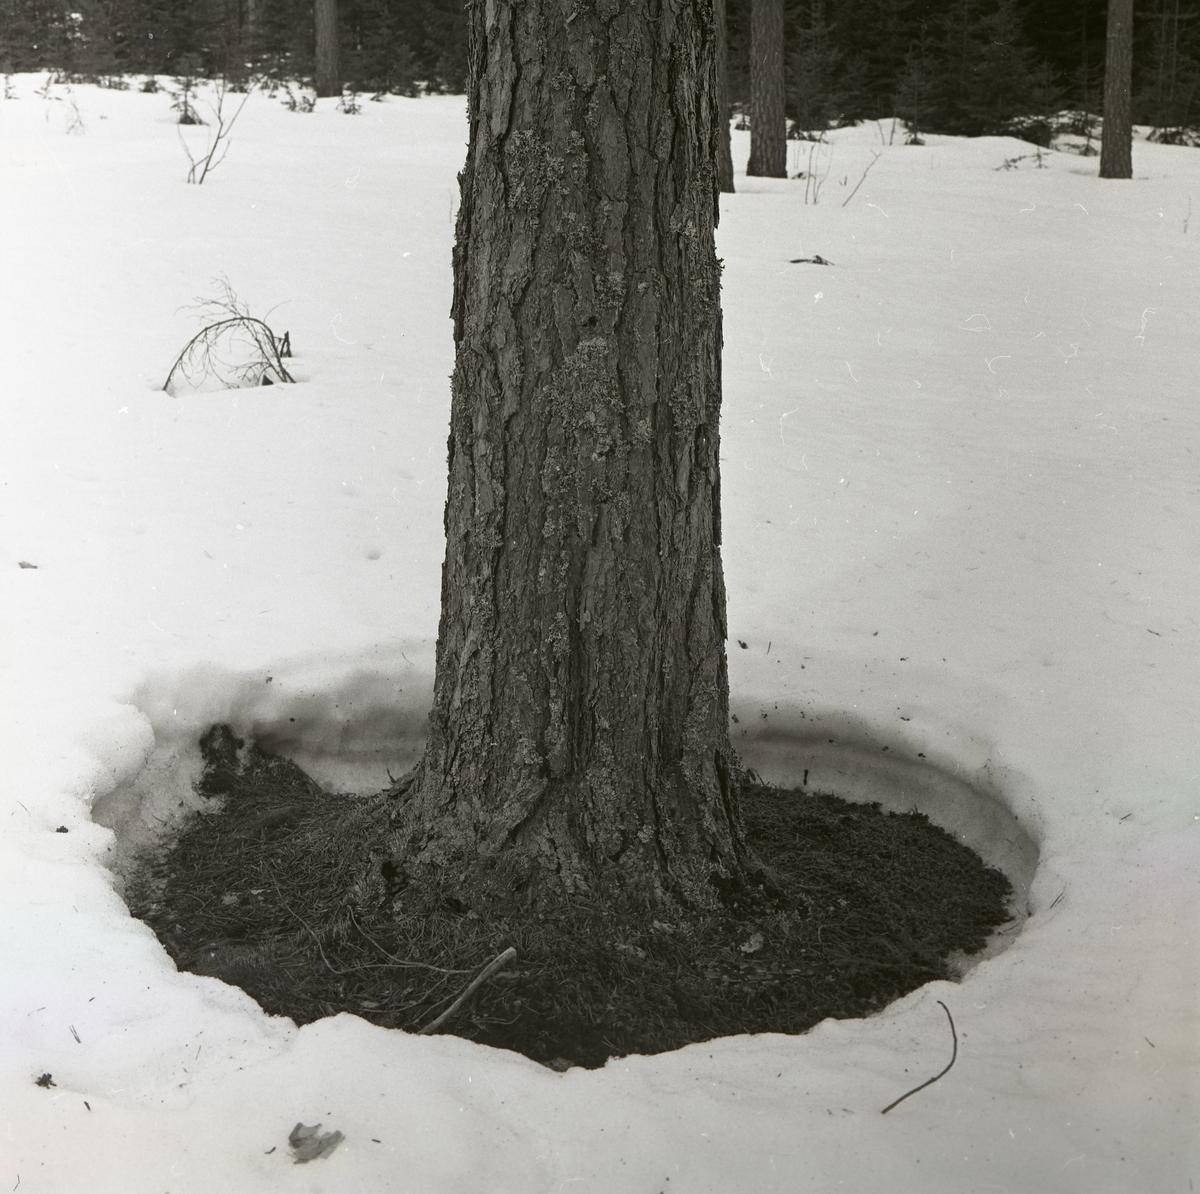 Runt en tall har snön tinat bort och bildat en ring, 1962.